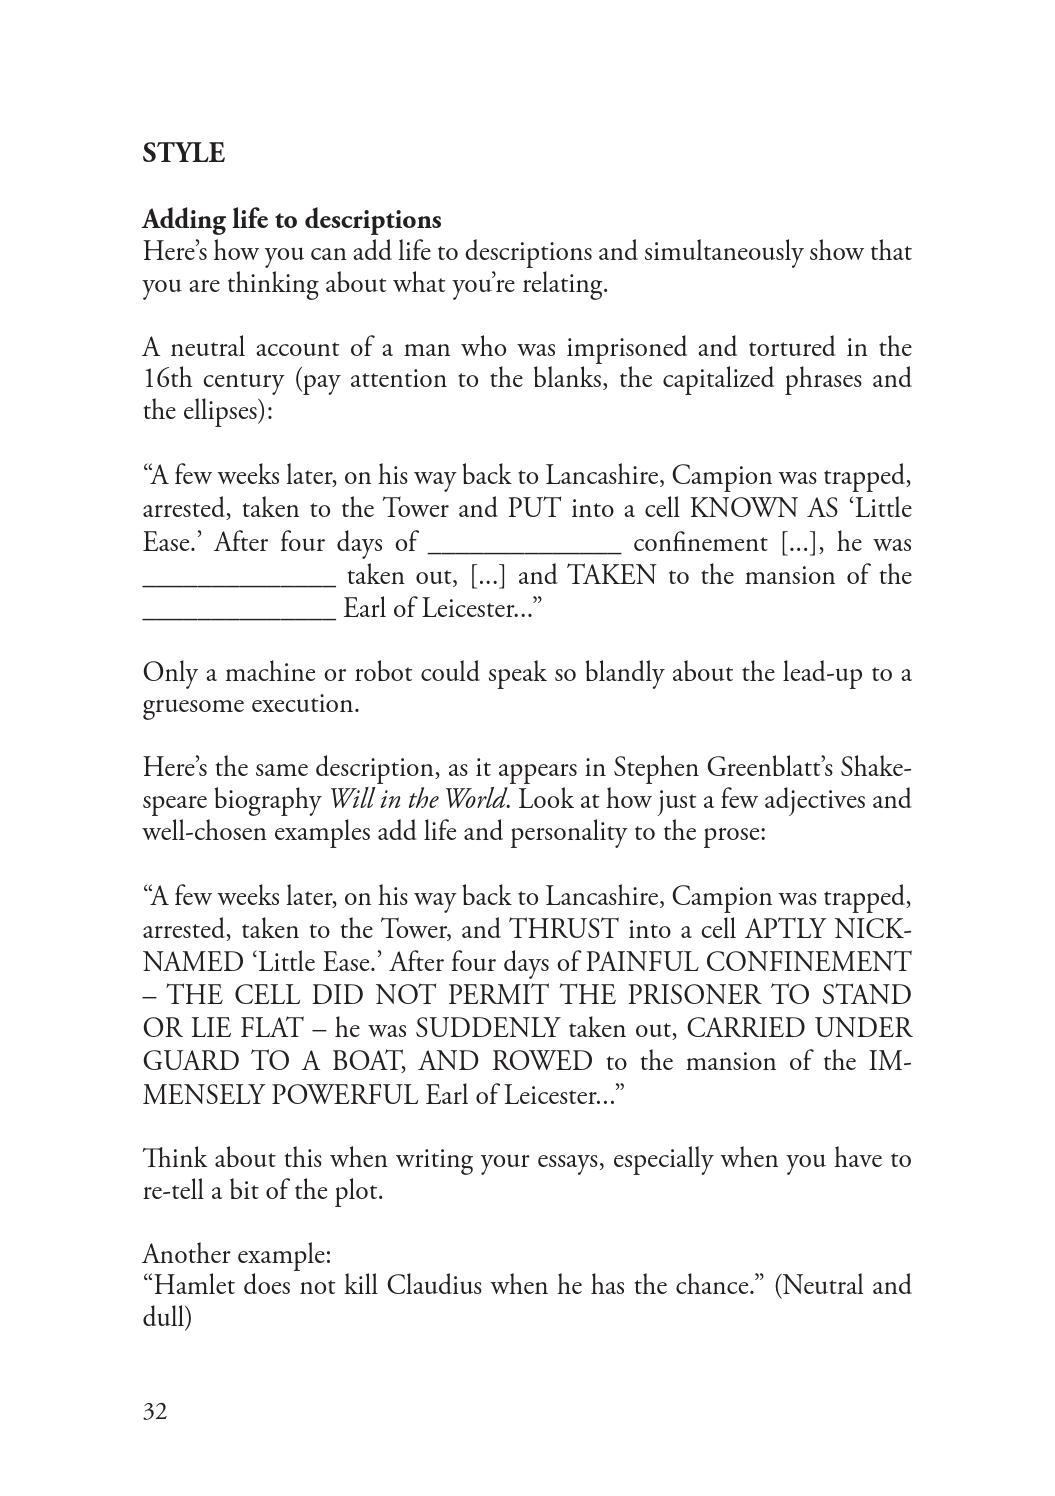 102 English Tips by Znanstvena zalozba FF - issuu